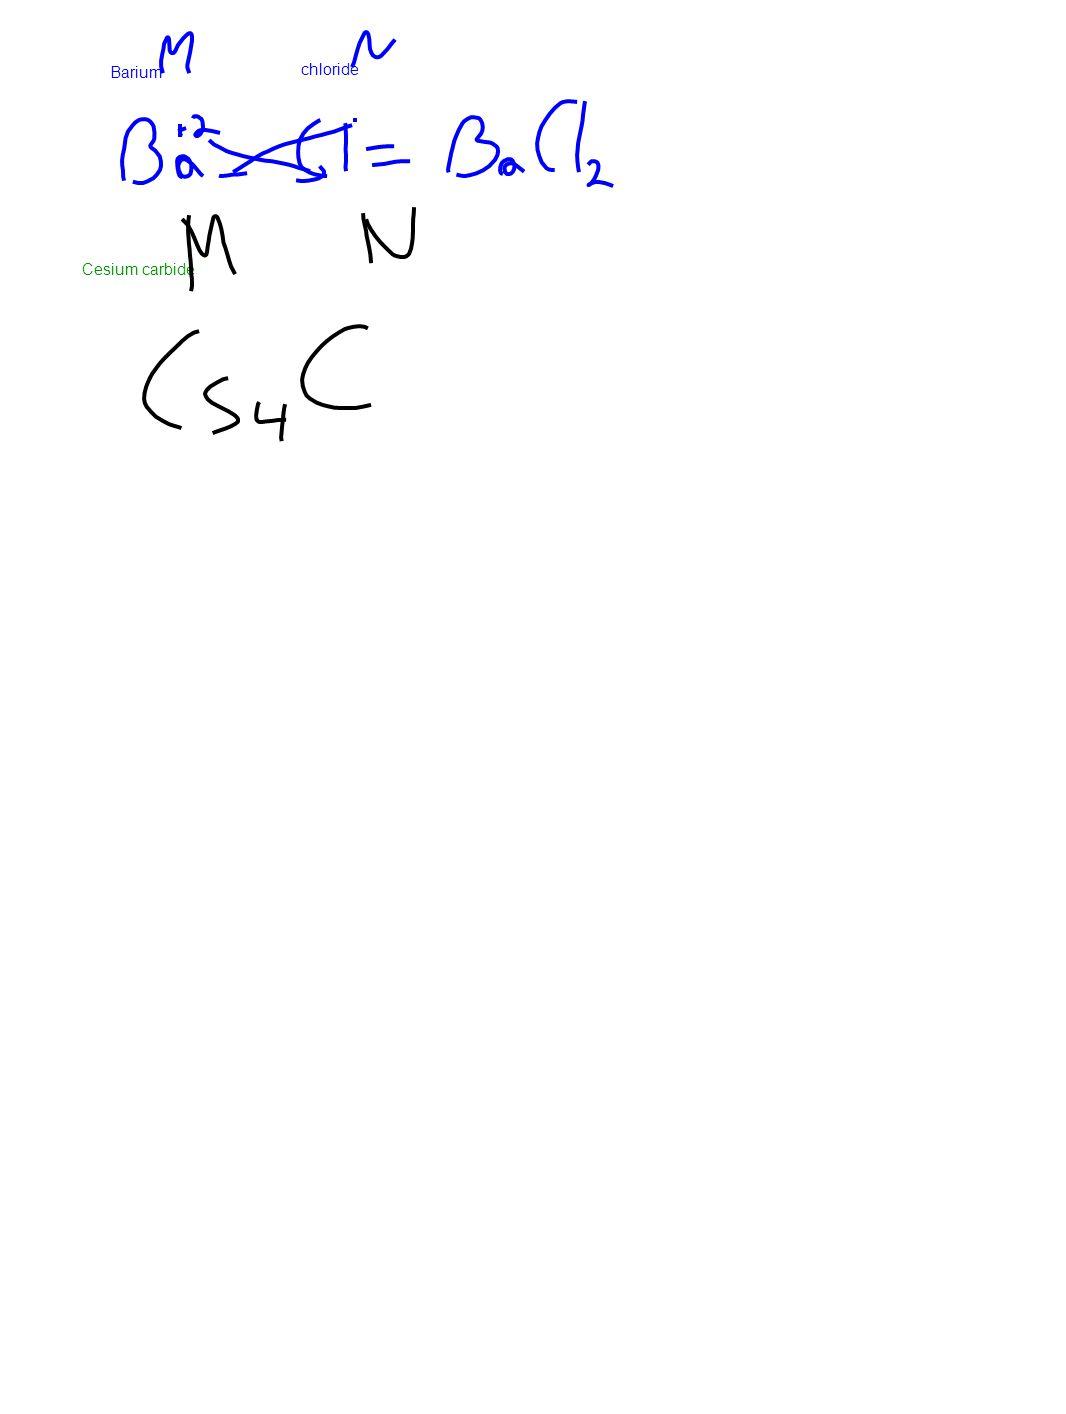 Barium chloride Cesium carbide